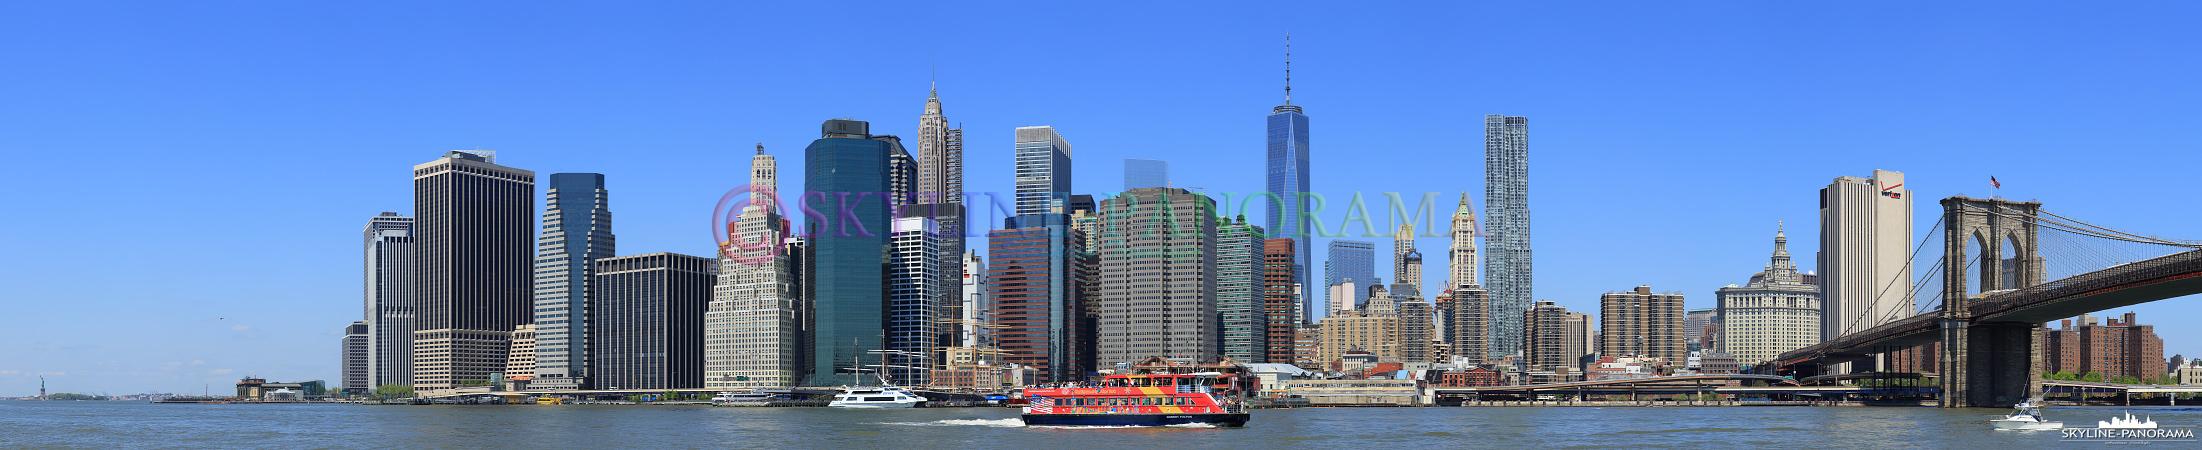 Skyline von Manhattan - Dieses Panorama entstand am Tag, vom Brooklyn Bridge Park im New Yorker Stadtteil Brooklyn, es zeigt die Südspitze von Manhattan, auch als Finanzdistrikt bezeichnet, mit der Brooklyn Bridge, dem One World Trade Center 1 und am linken Bildrand - relativ klein - die Freiheitsstatue.